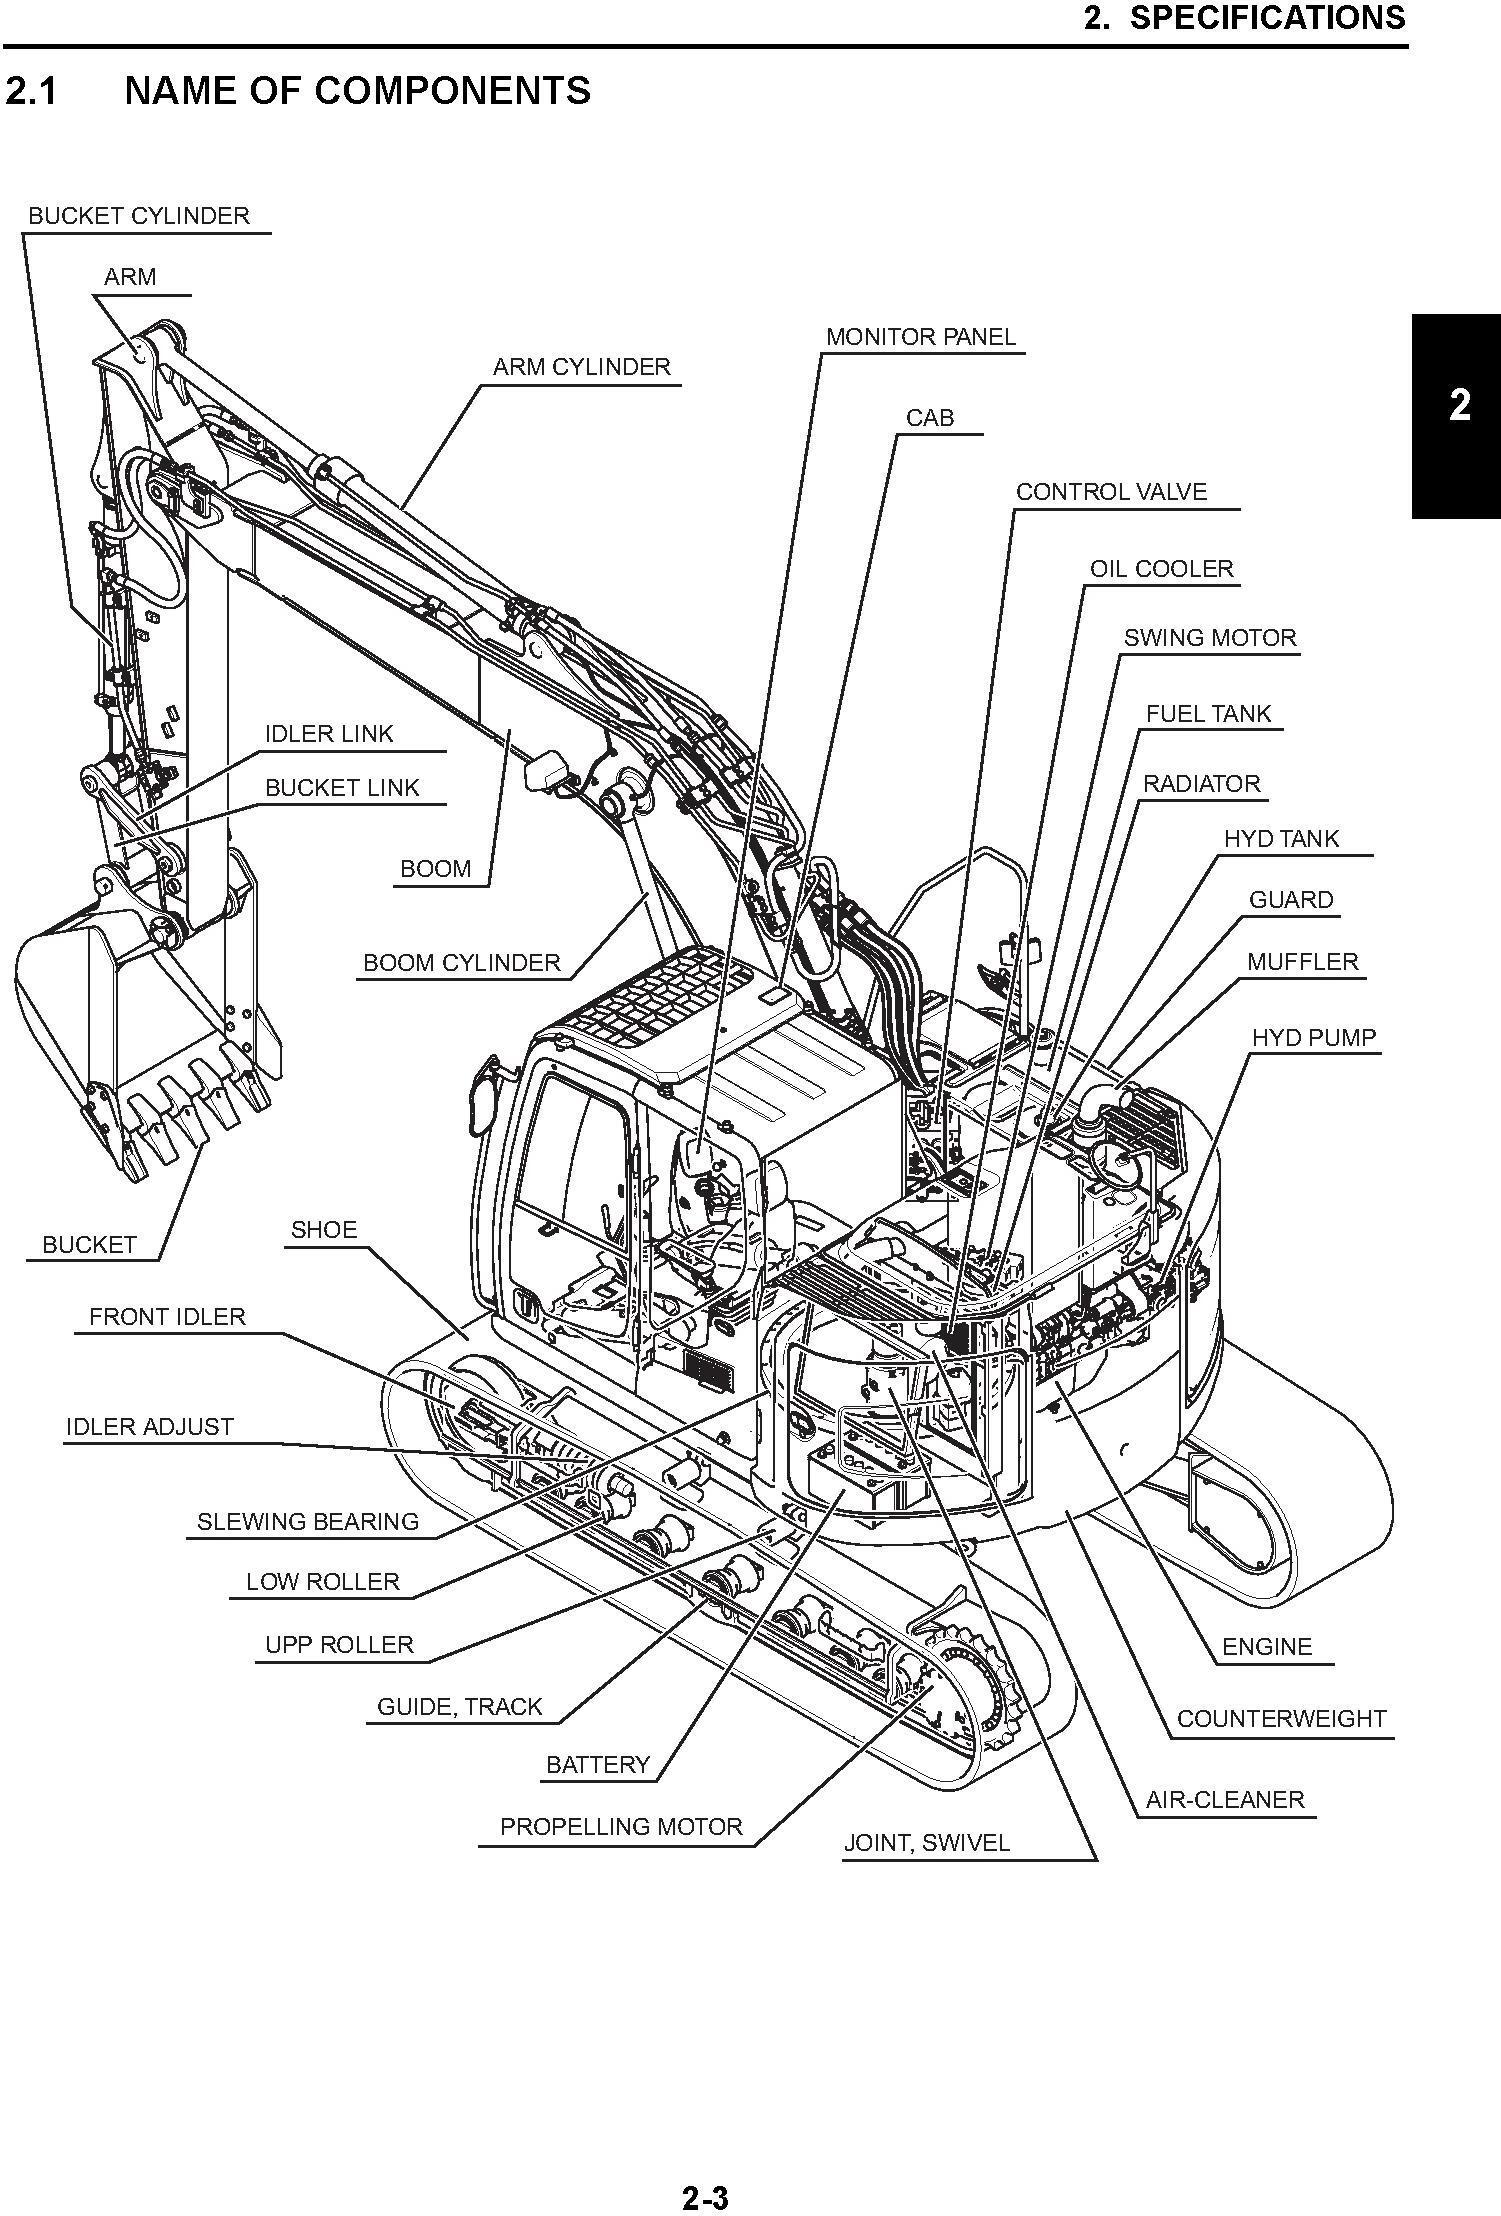 New Holland E135BSR Tier 3 Crawler Excavators Service Manual - 1